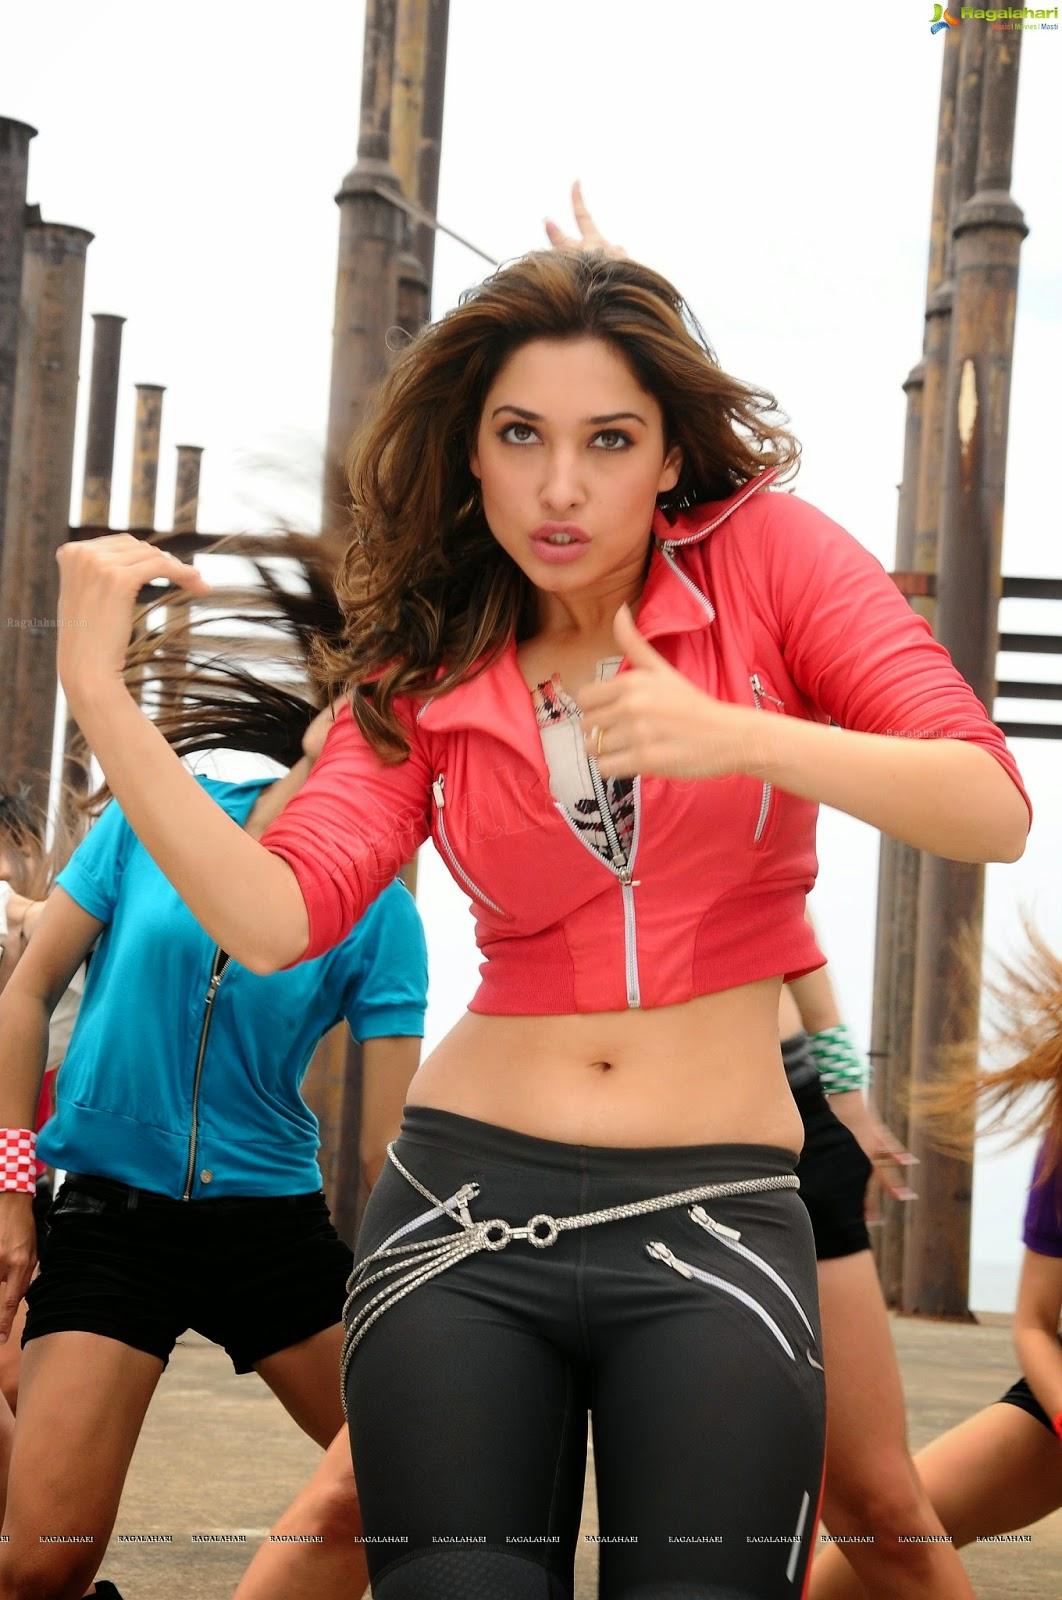 Tamannah bhatia hot thighs show in romance dance - 2 5